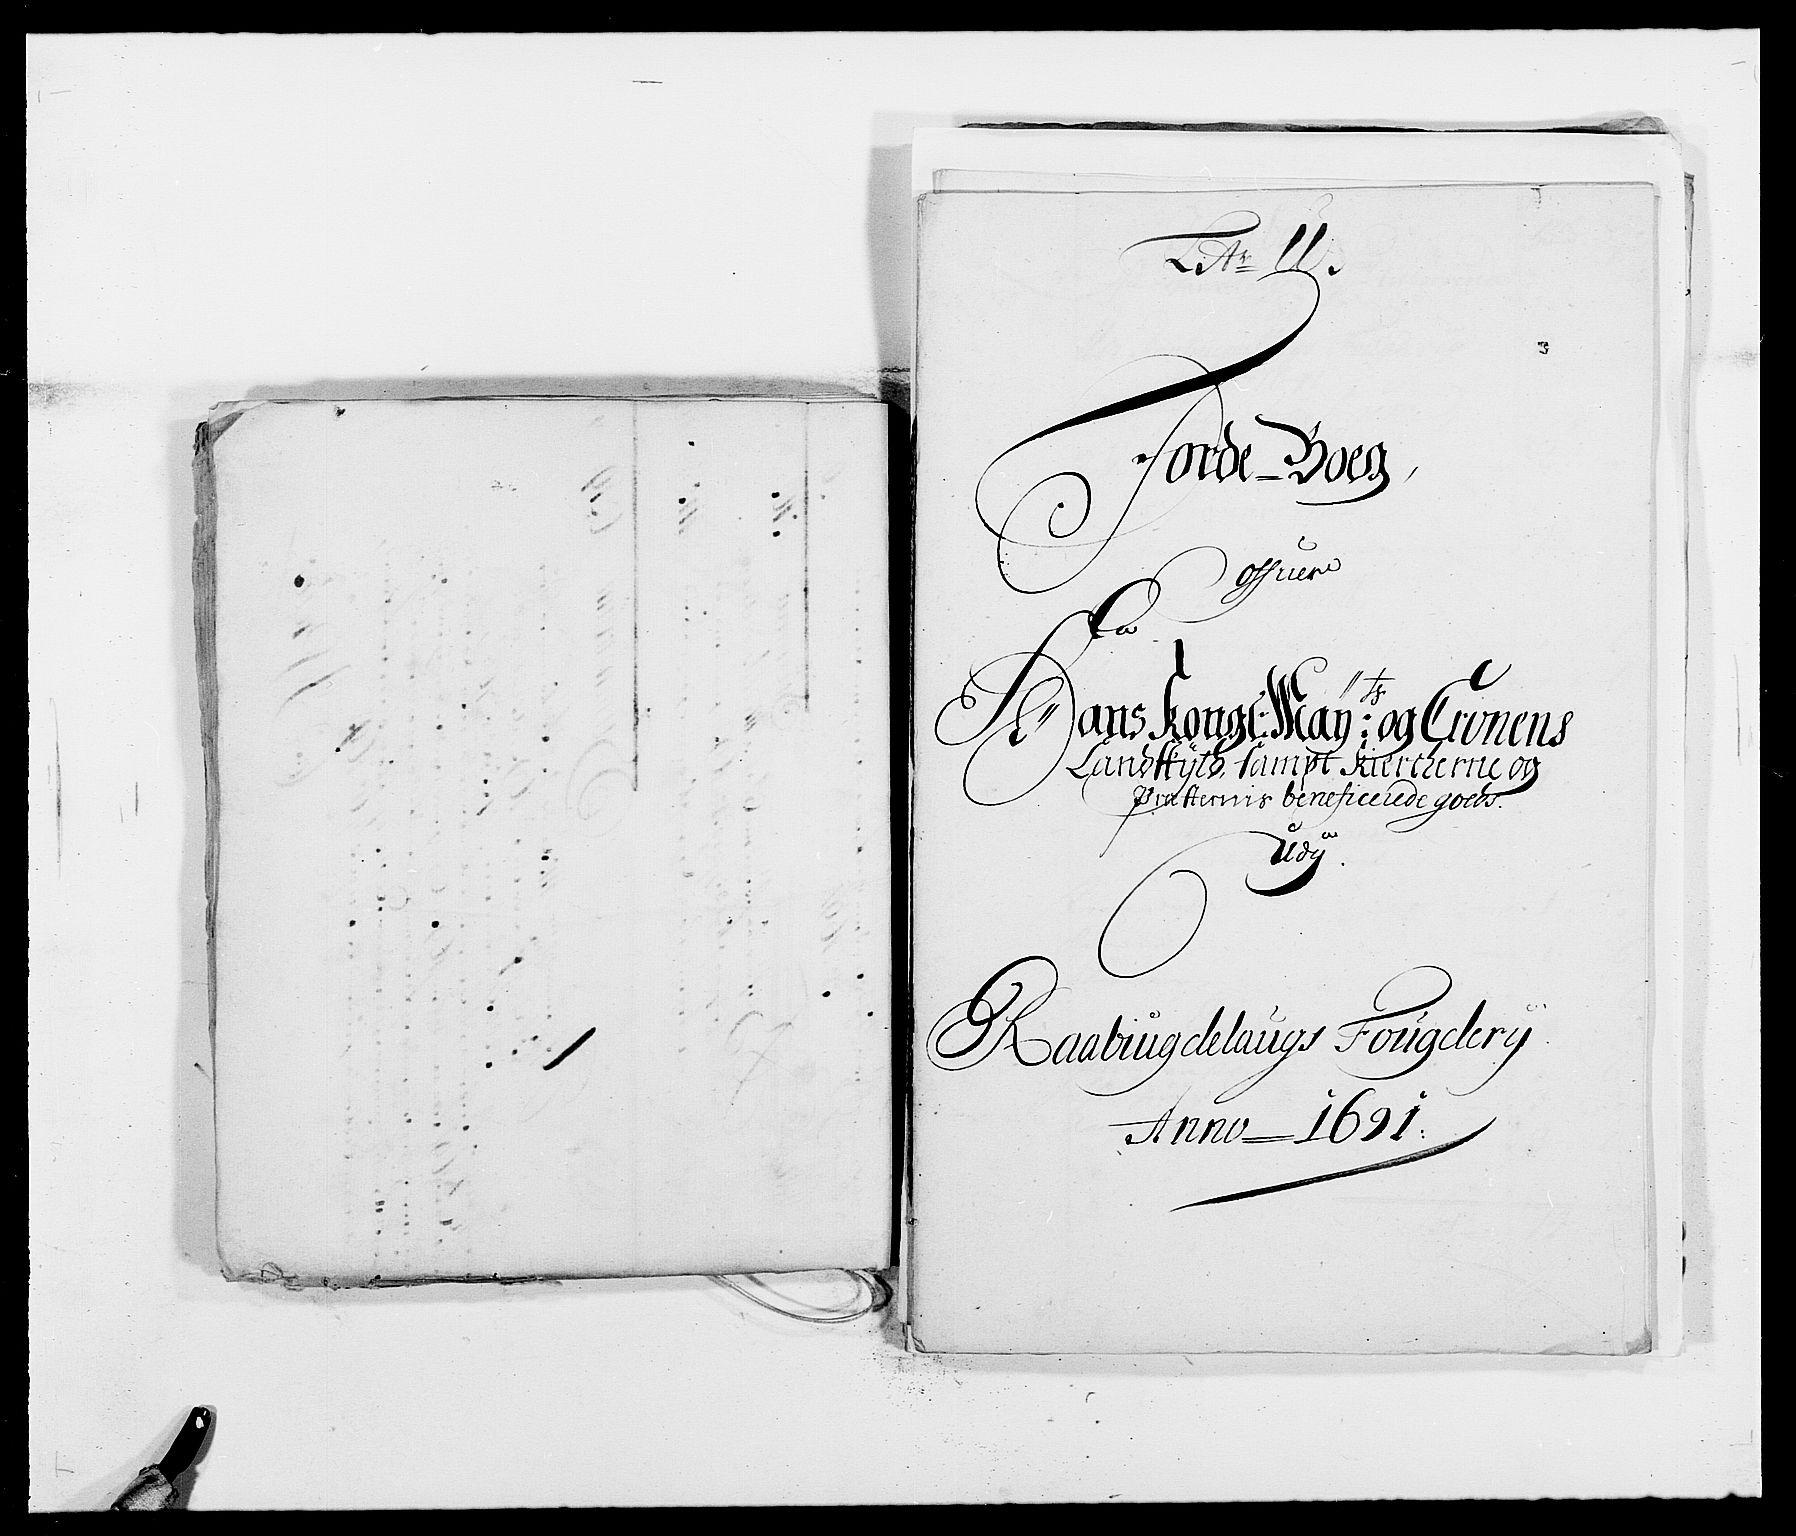 RA, Rentekammeret inntil 1814, Reviderte regnskaper, Fogderegnskap, R40/L2443: Fogderegnskap Råbyggelag, 1691-1692, s. 17